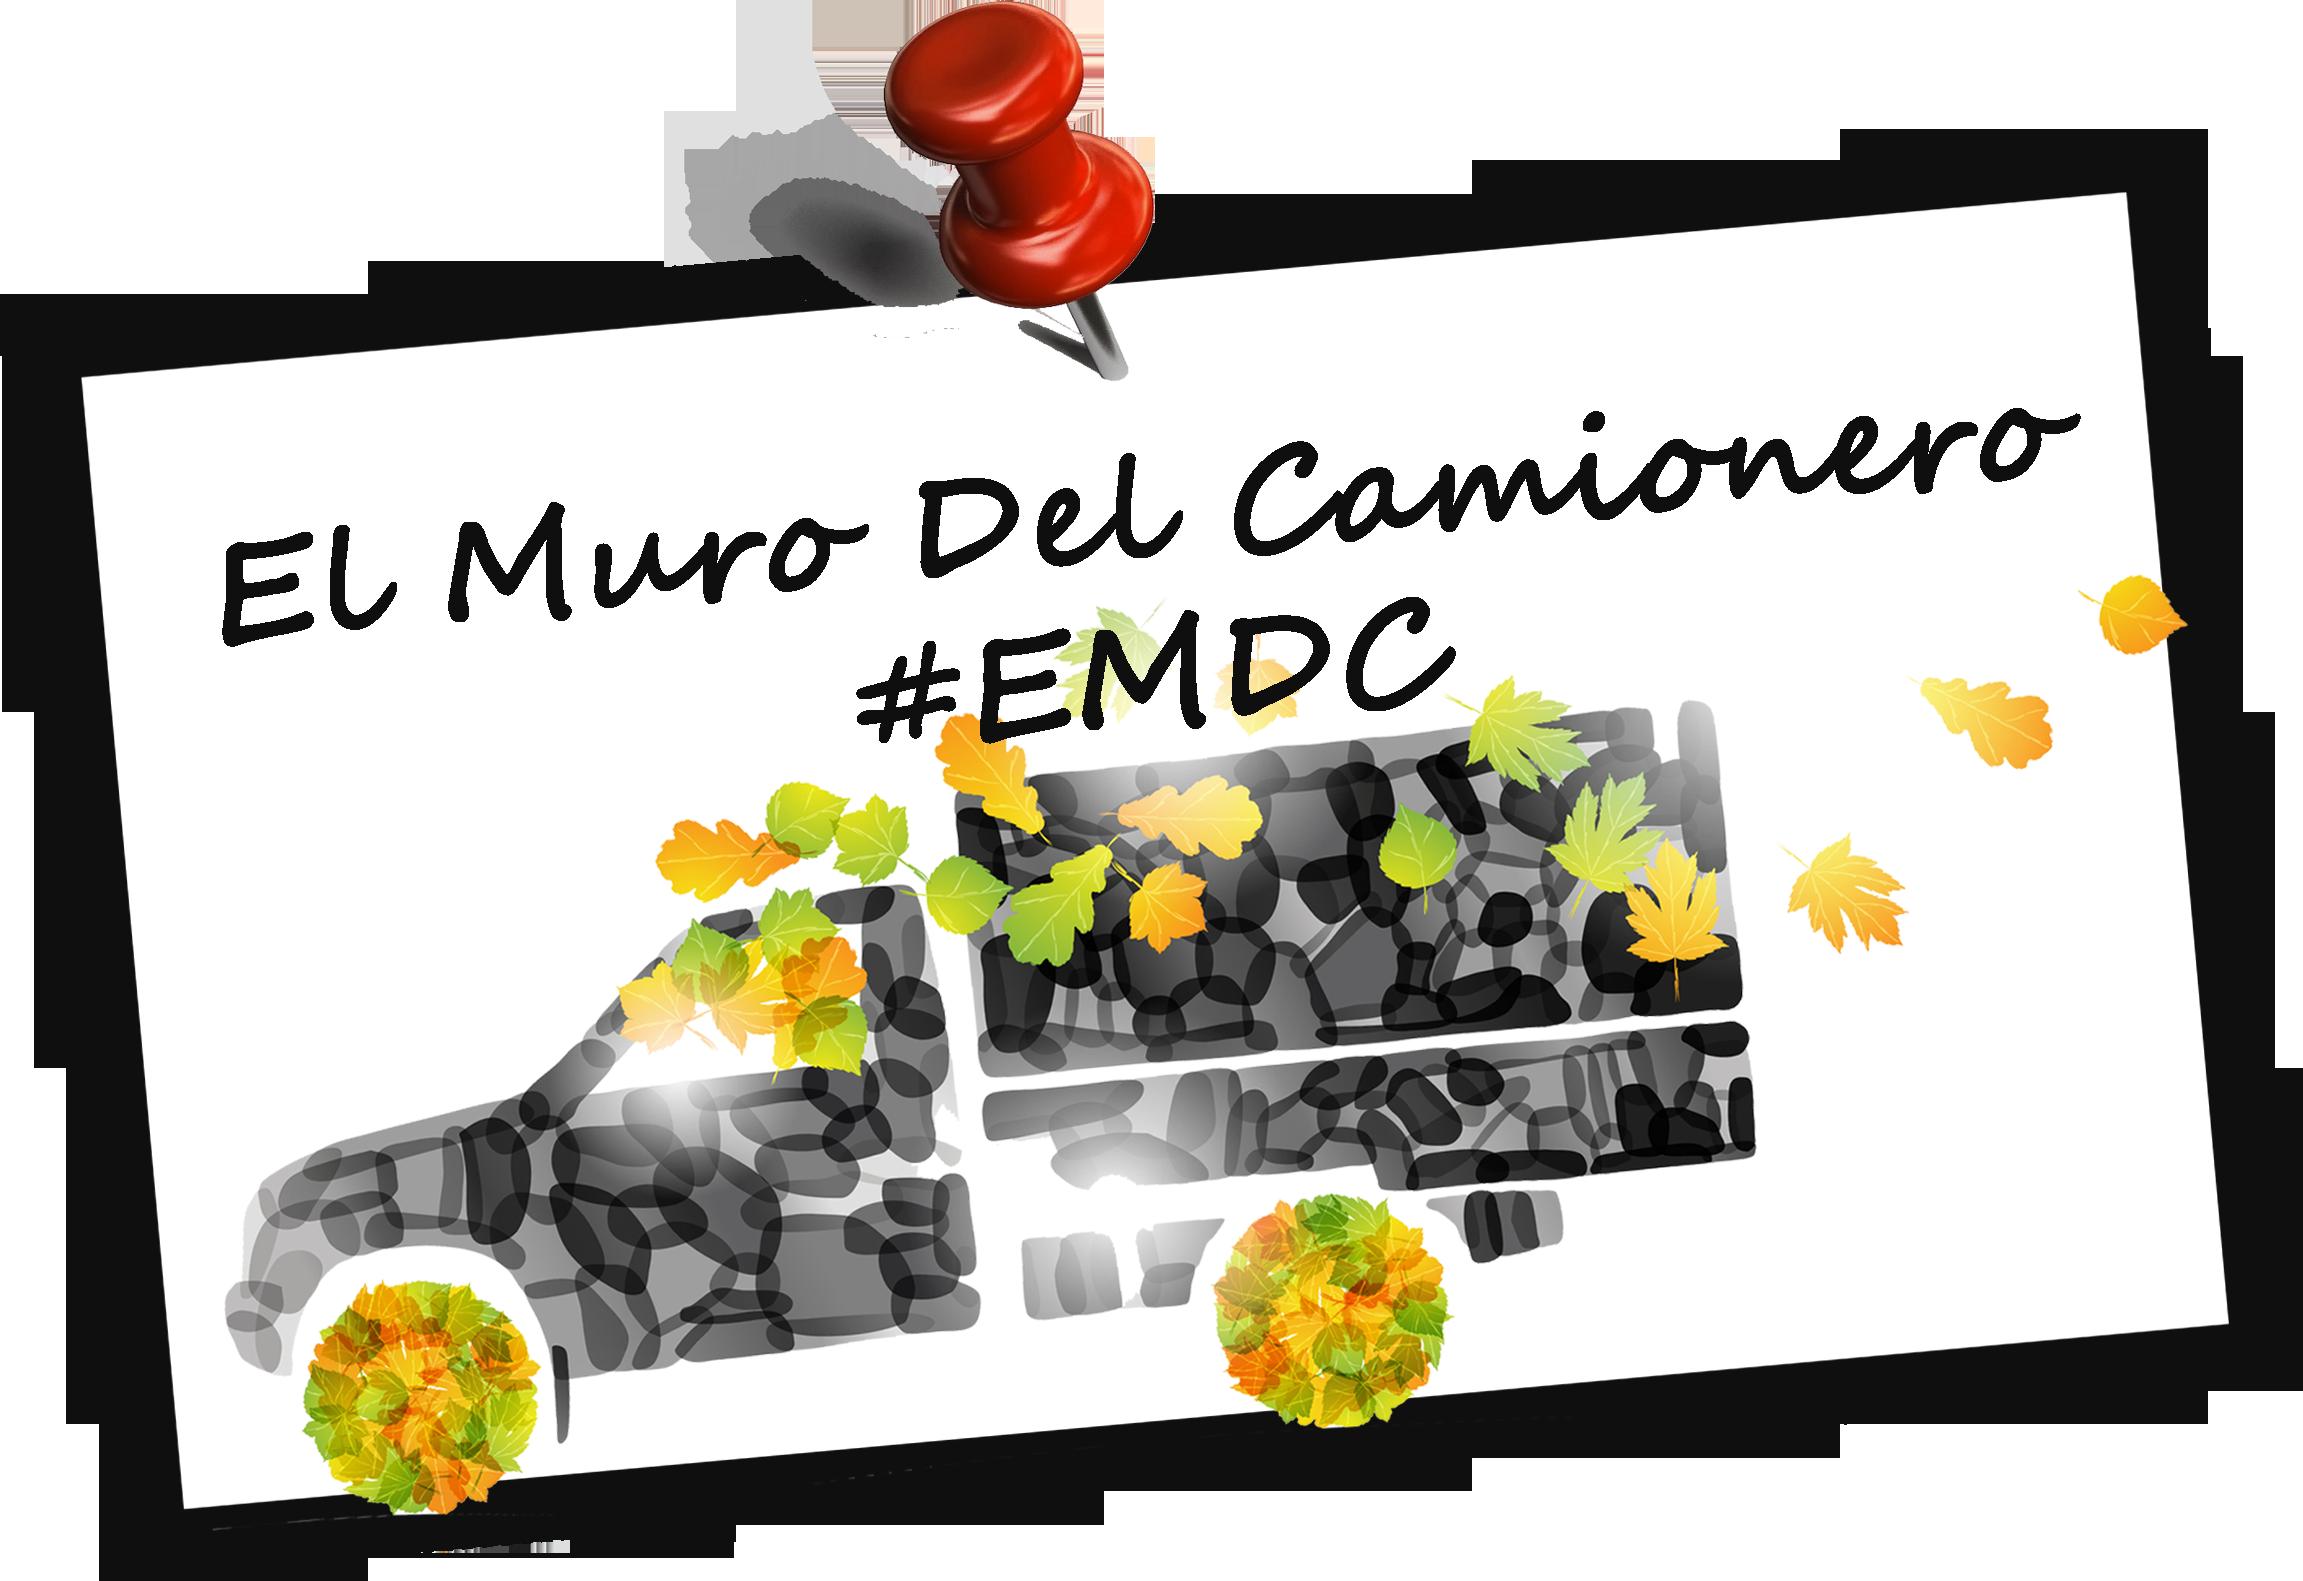 El Muro Del Camionero #EMDC